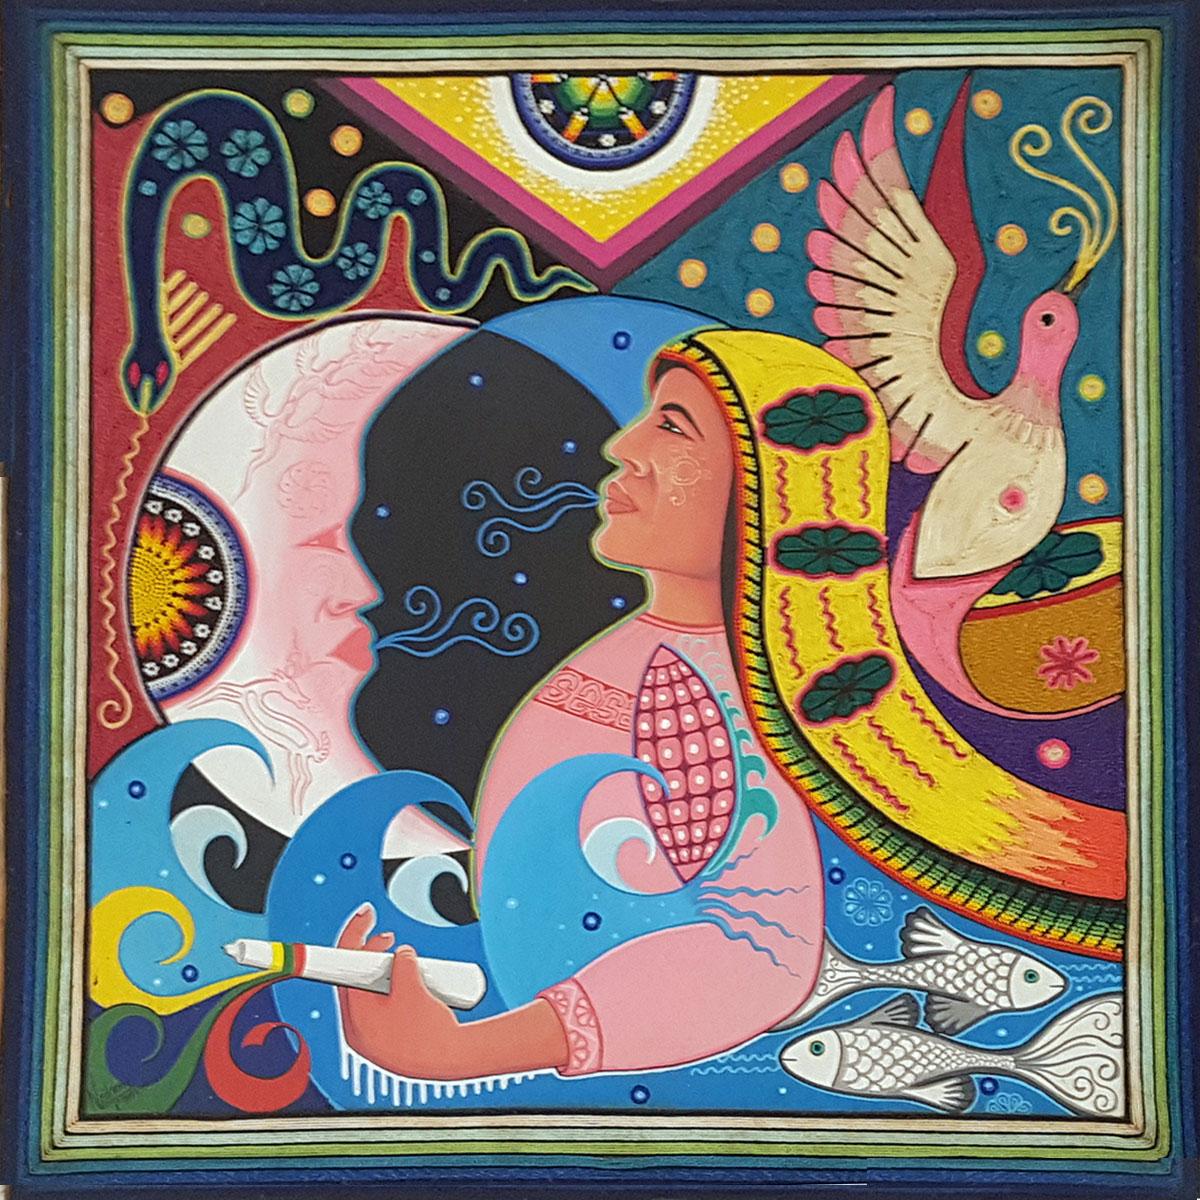 Wixárika (Huichol) Art Neikame: Premier Mixed Media Huichol Yarn Painting – Direct from Mexico Huichol